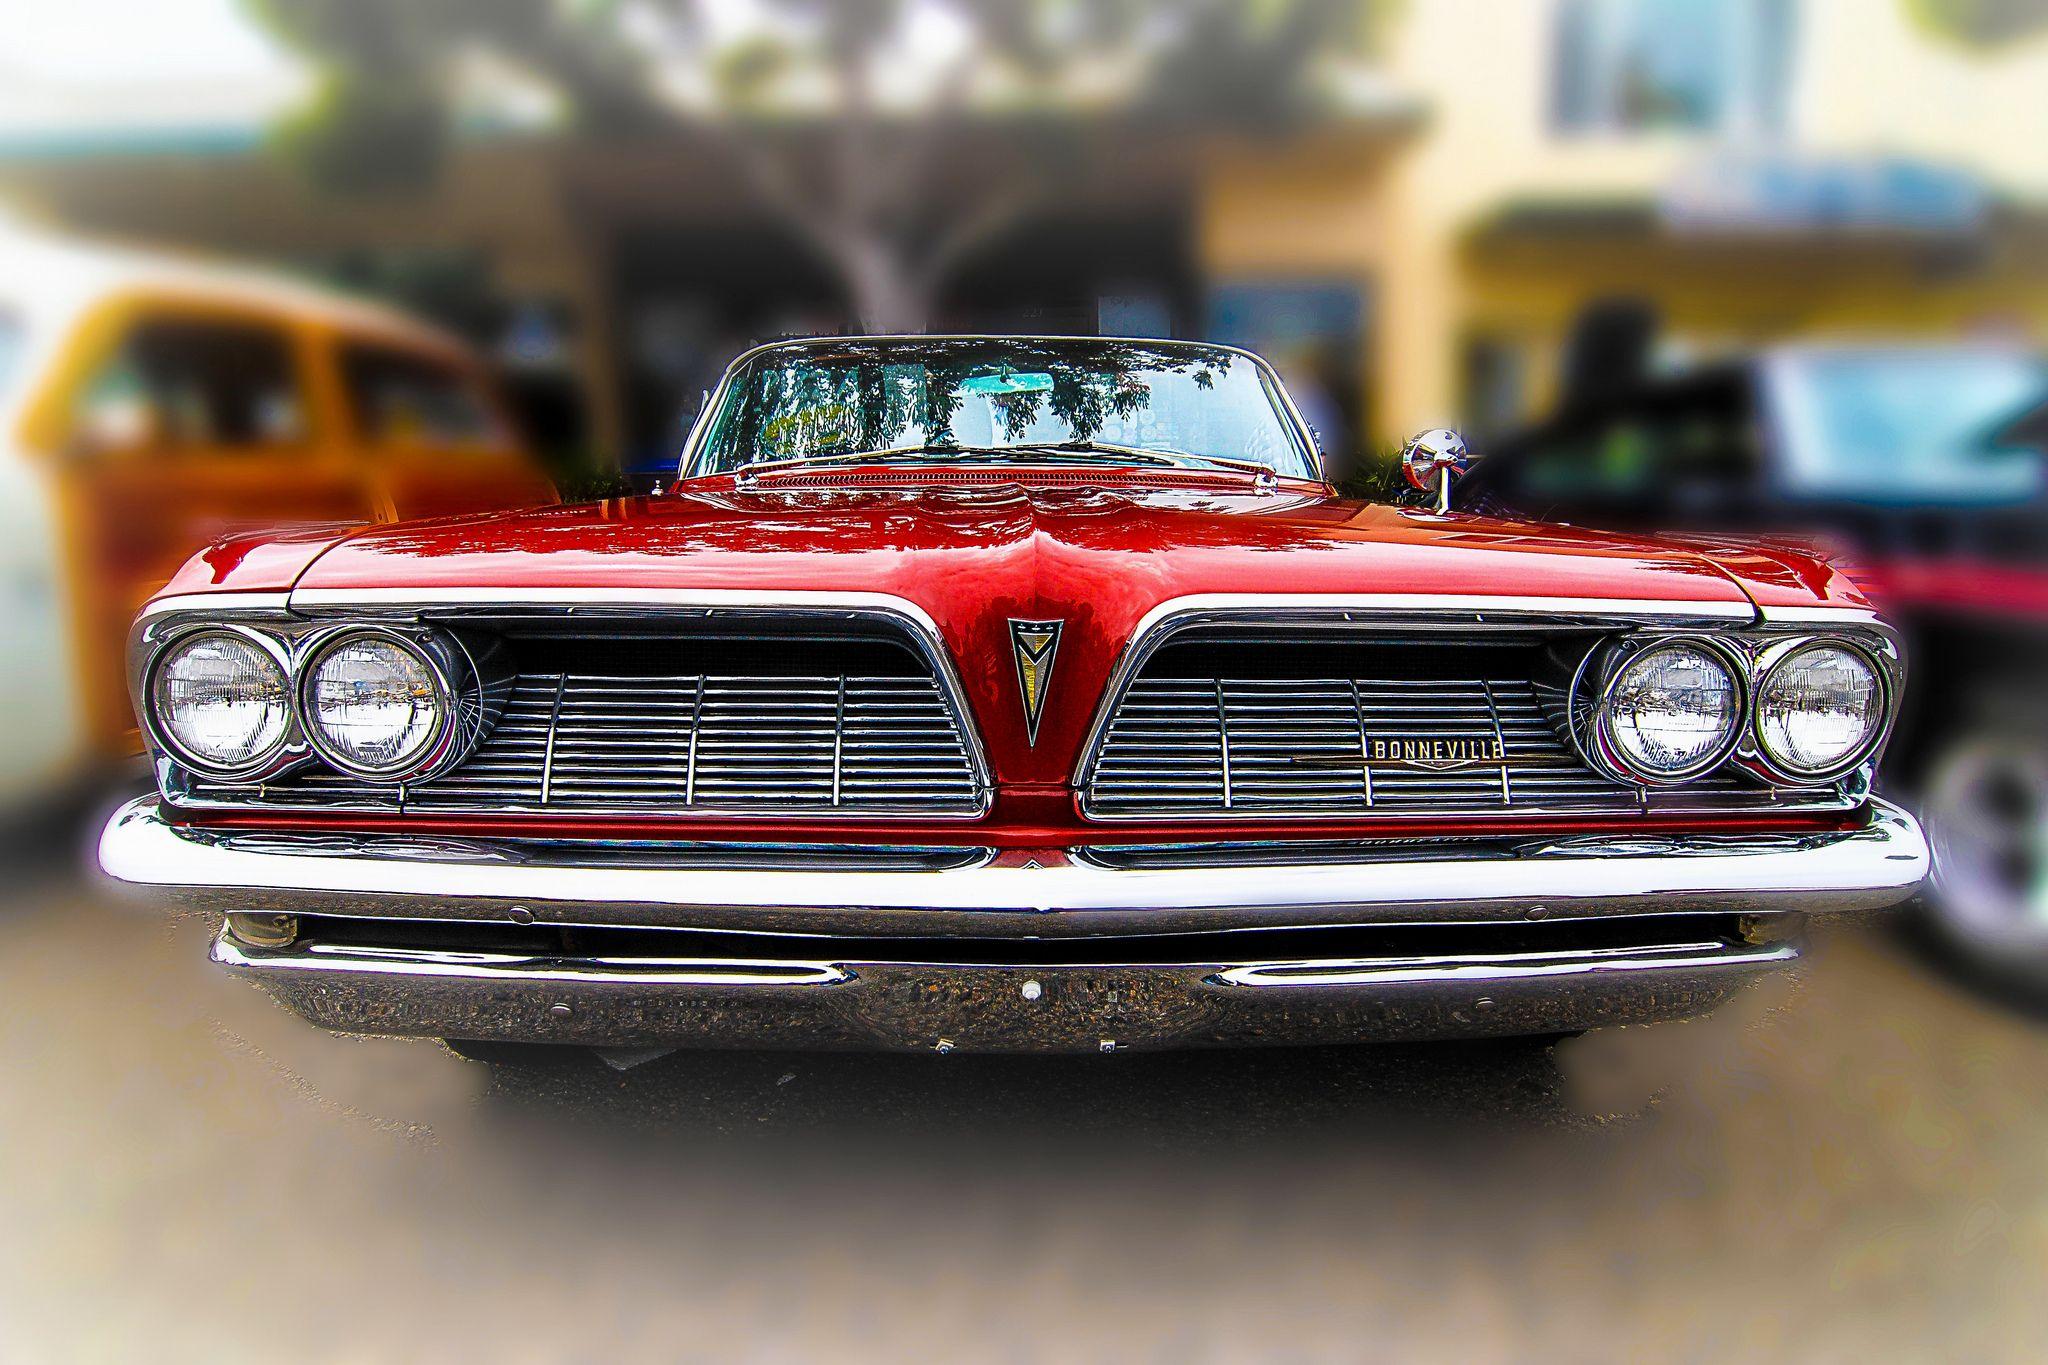 1961 pontiac bonneville convertible http www conceptcarz com vehicle